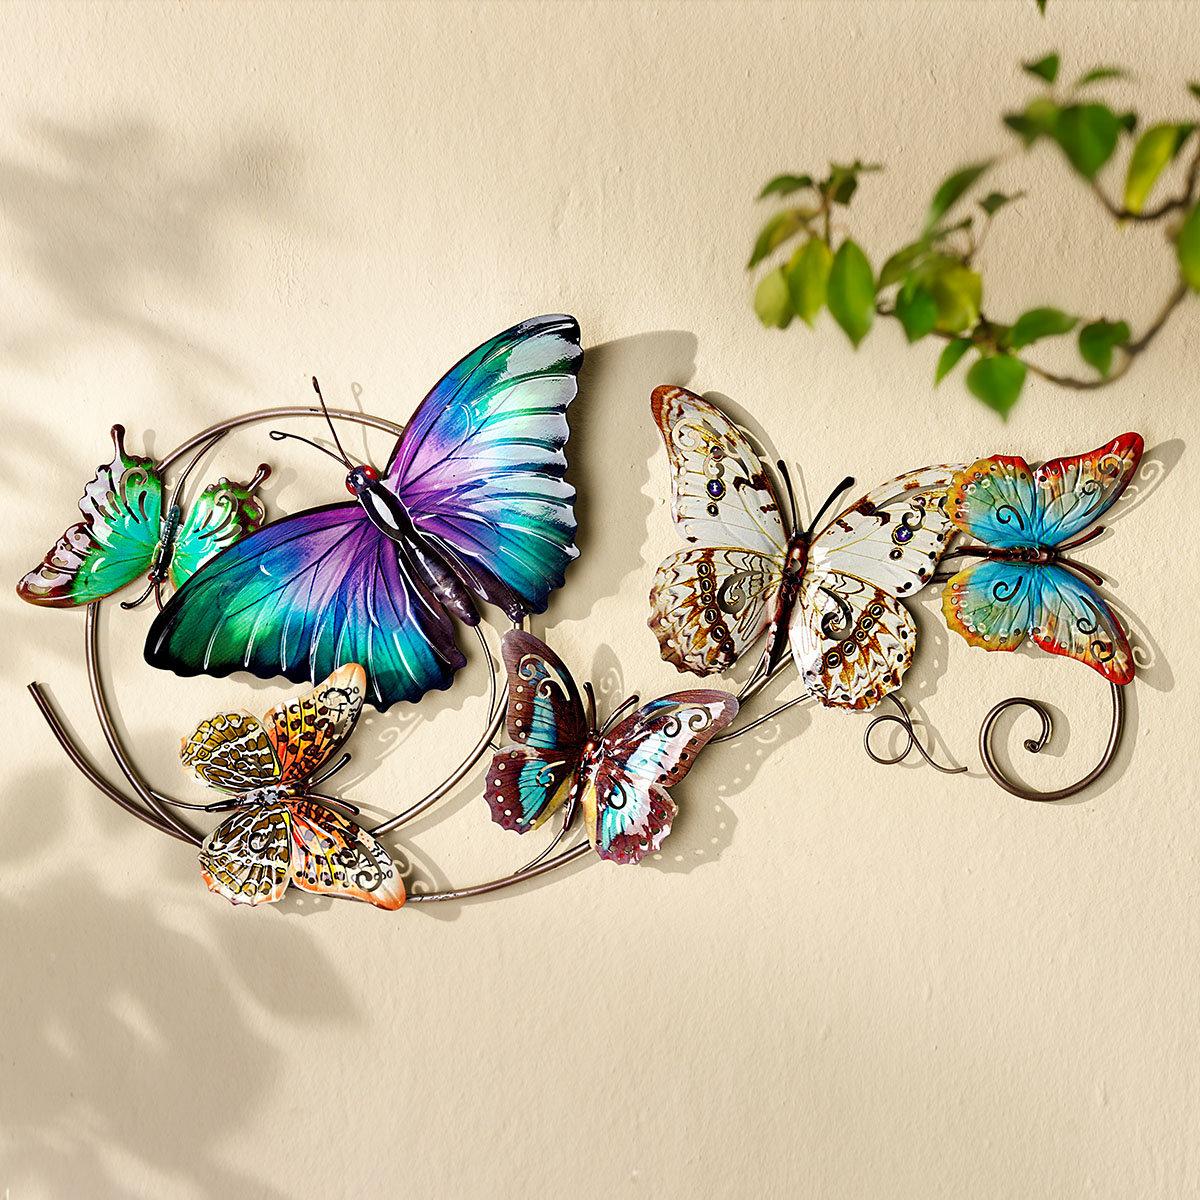 Wanddeko Schmetterlinge, 73x37 cm, bunt